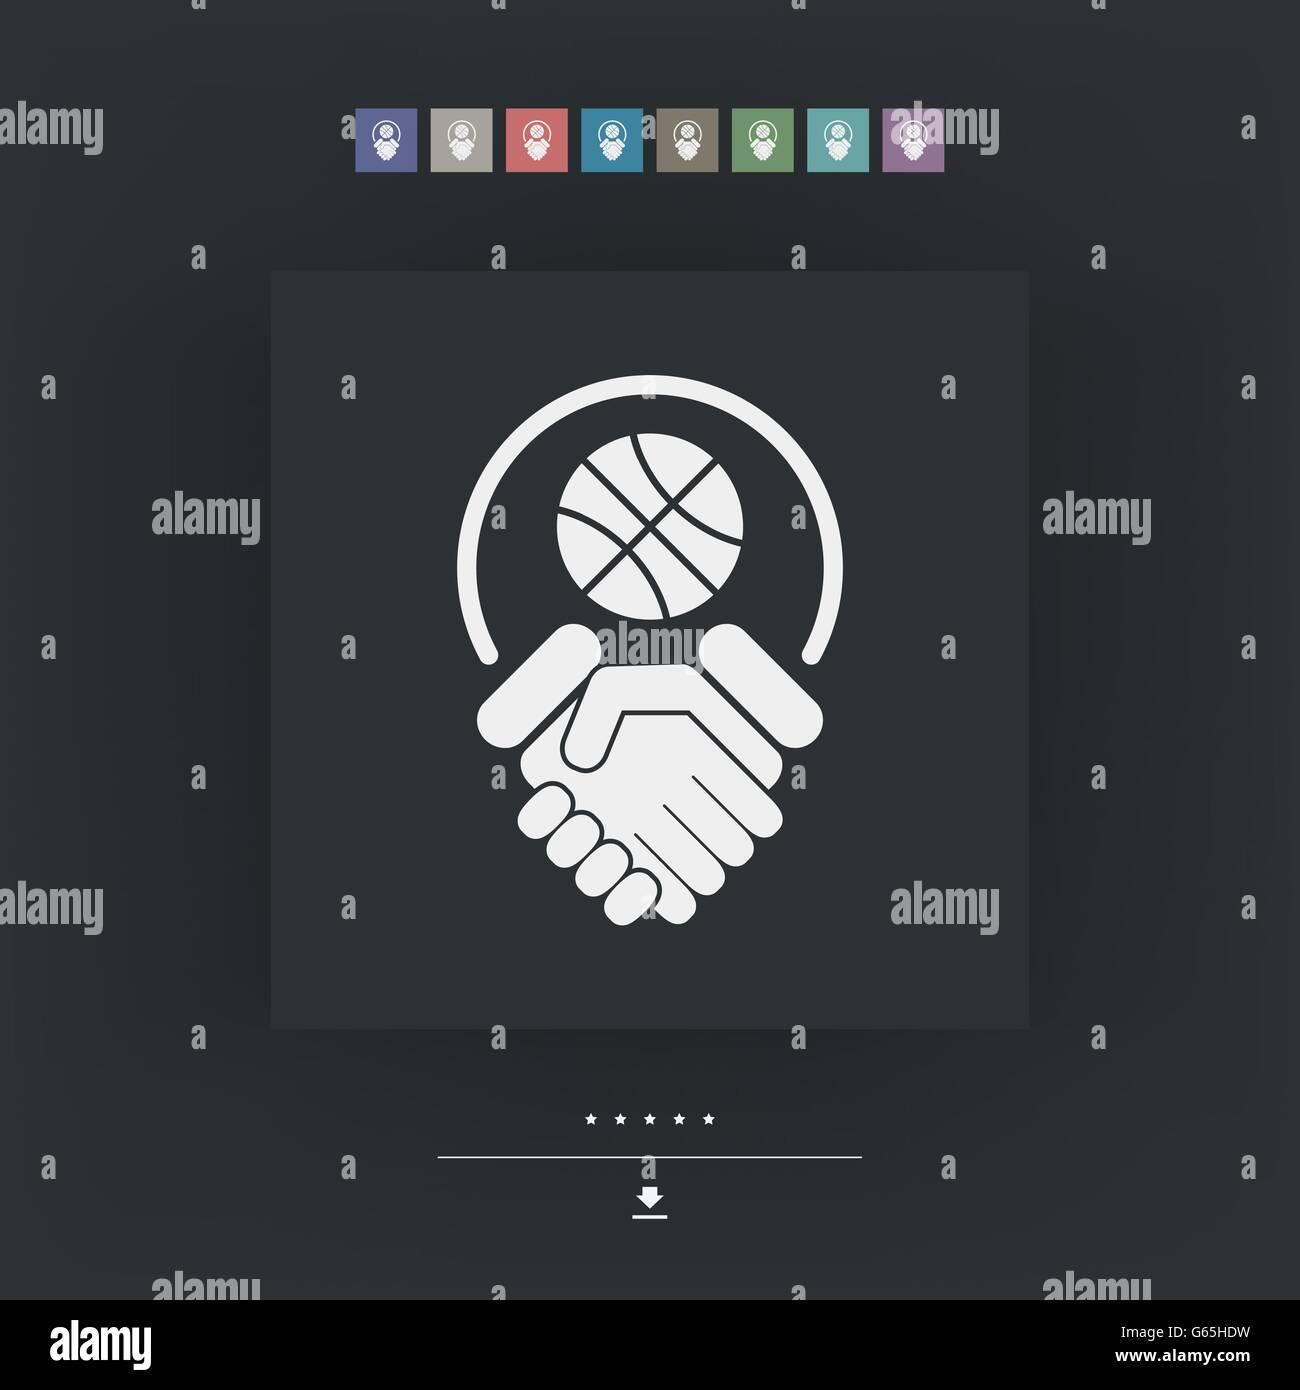 Basketball fairplay - Stock Image